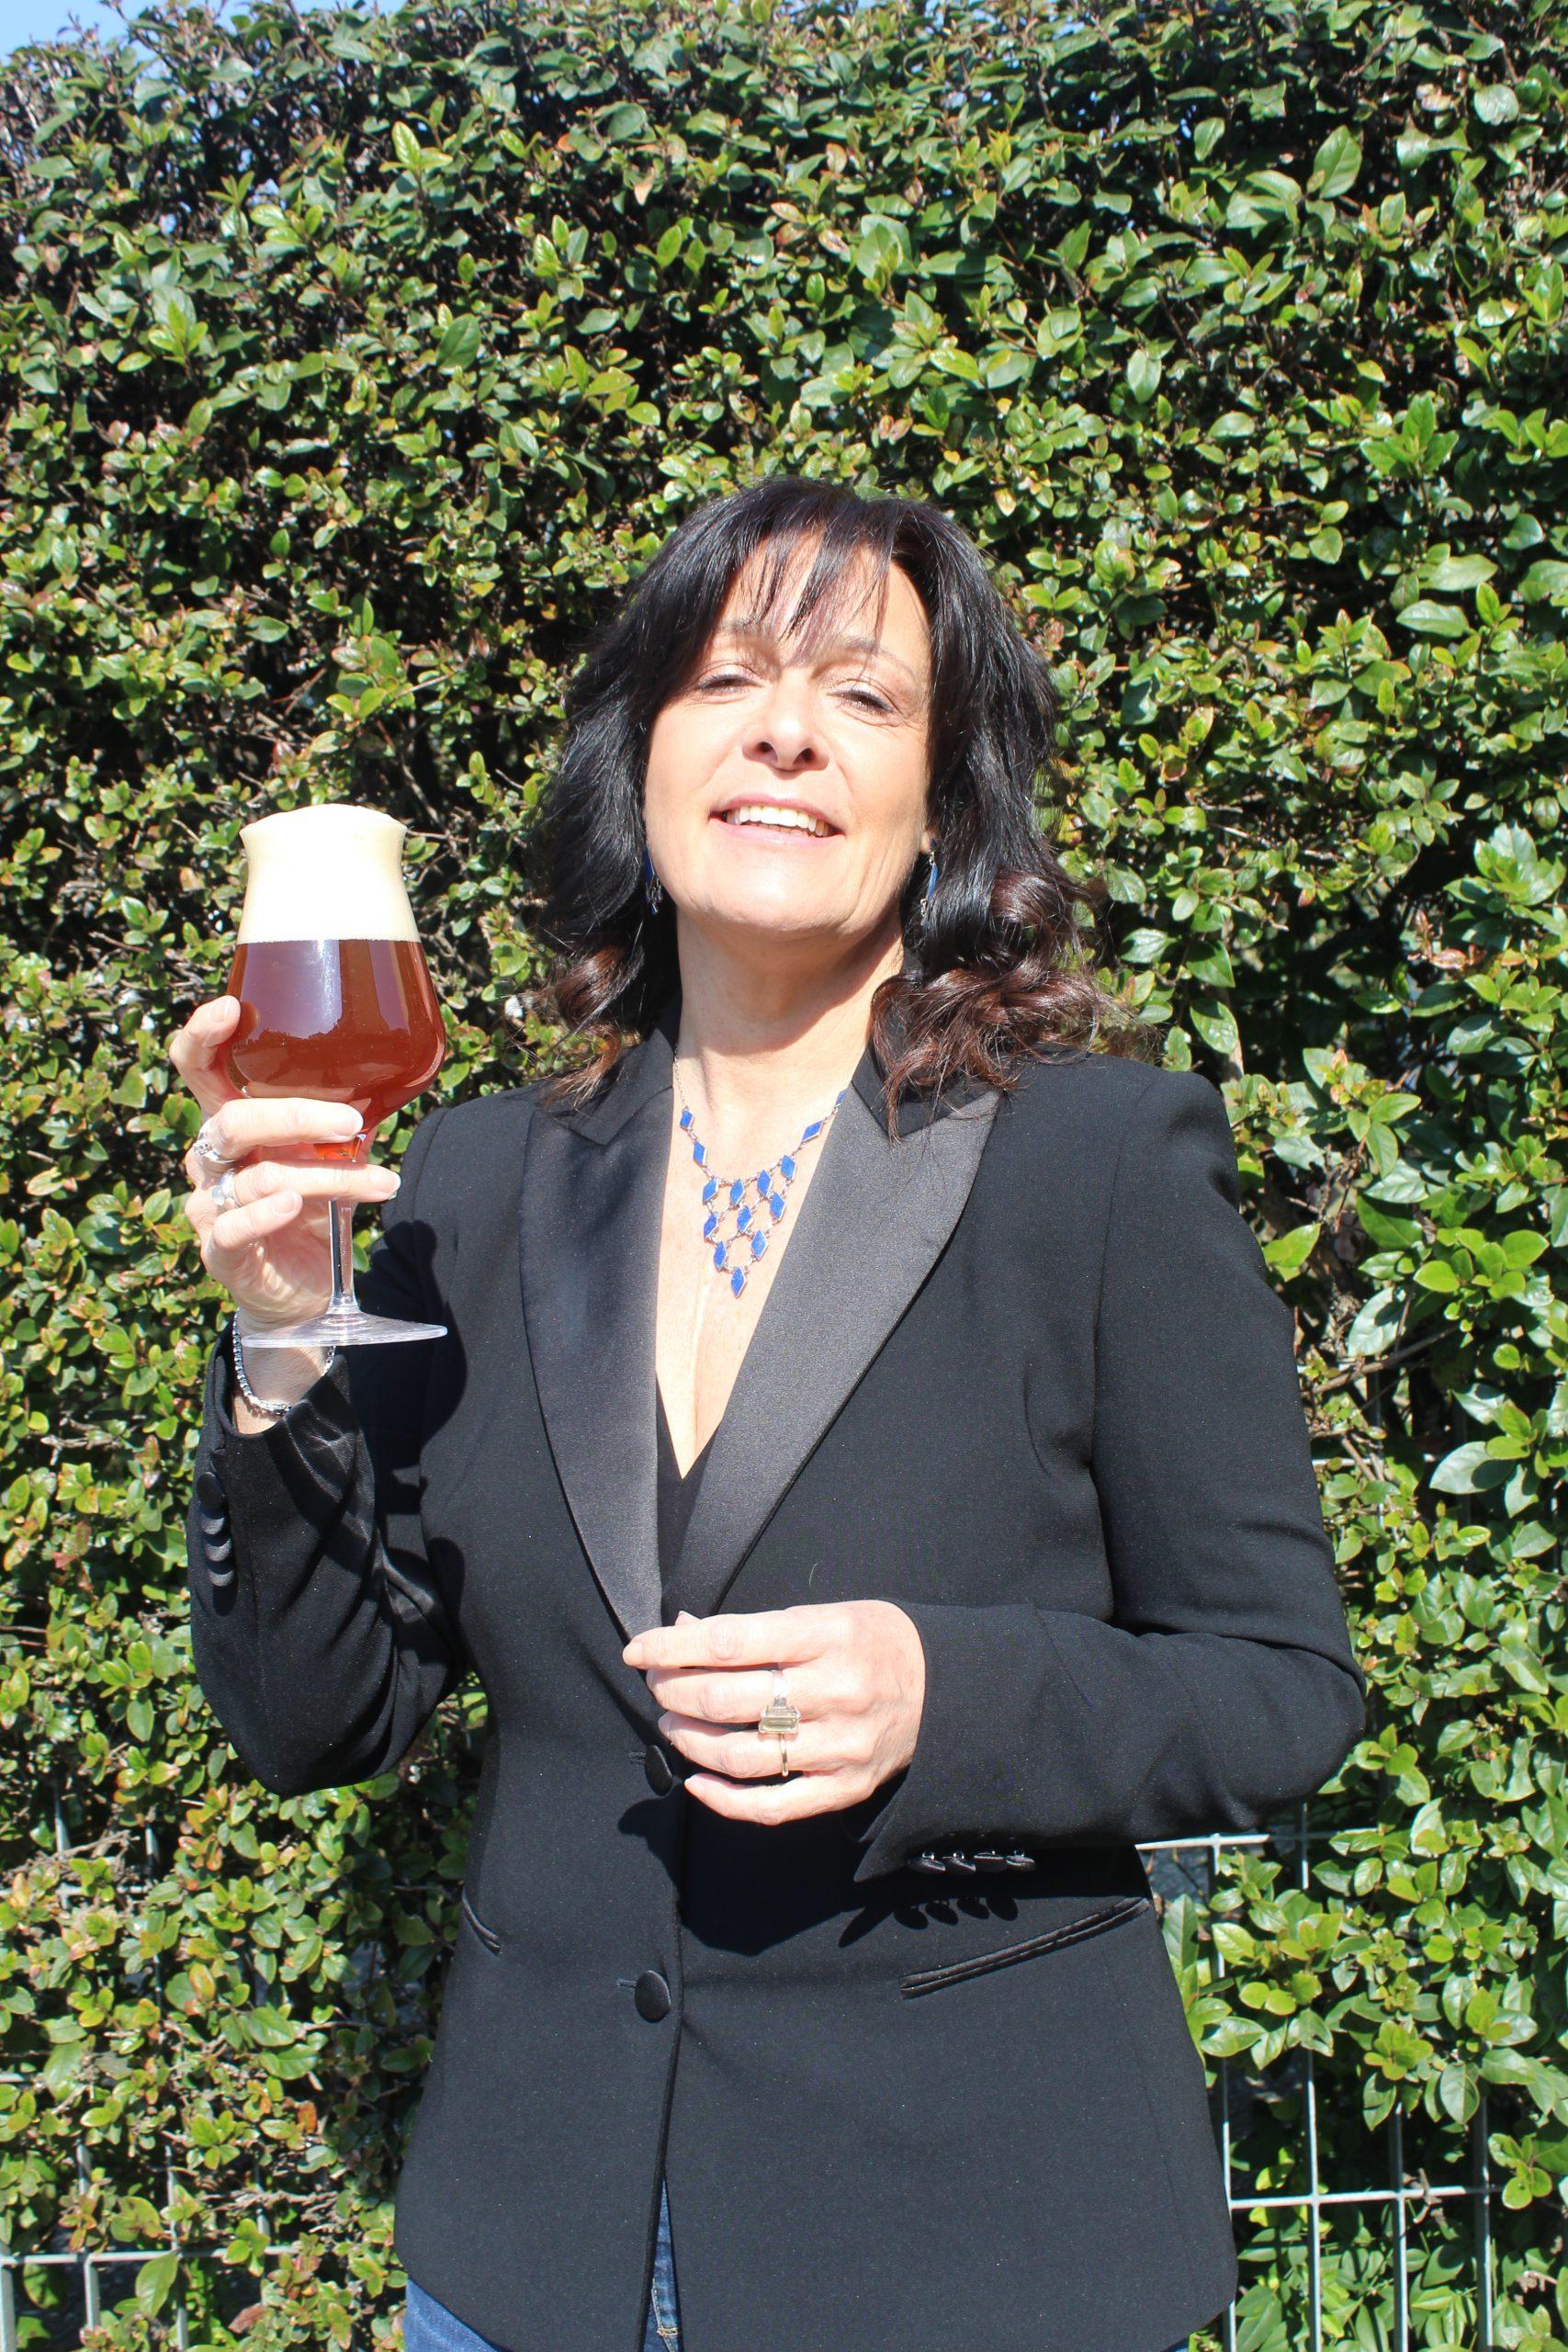 Chiara Rubinato